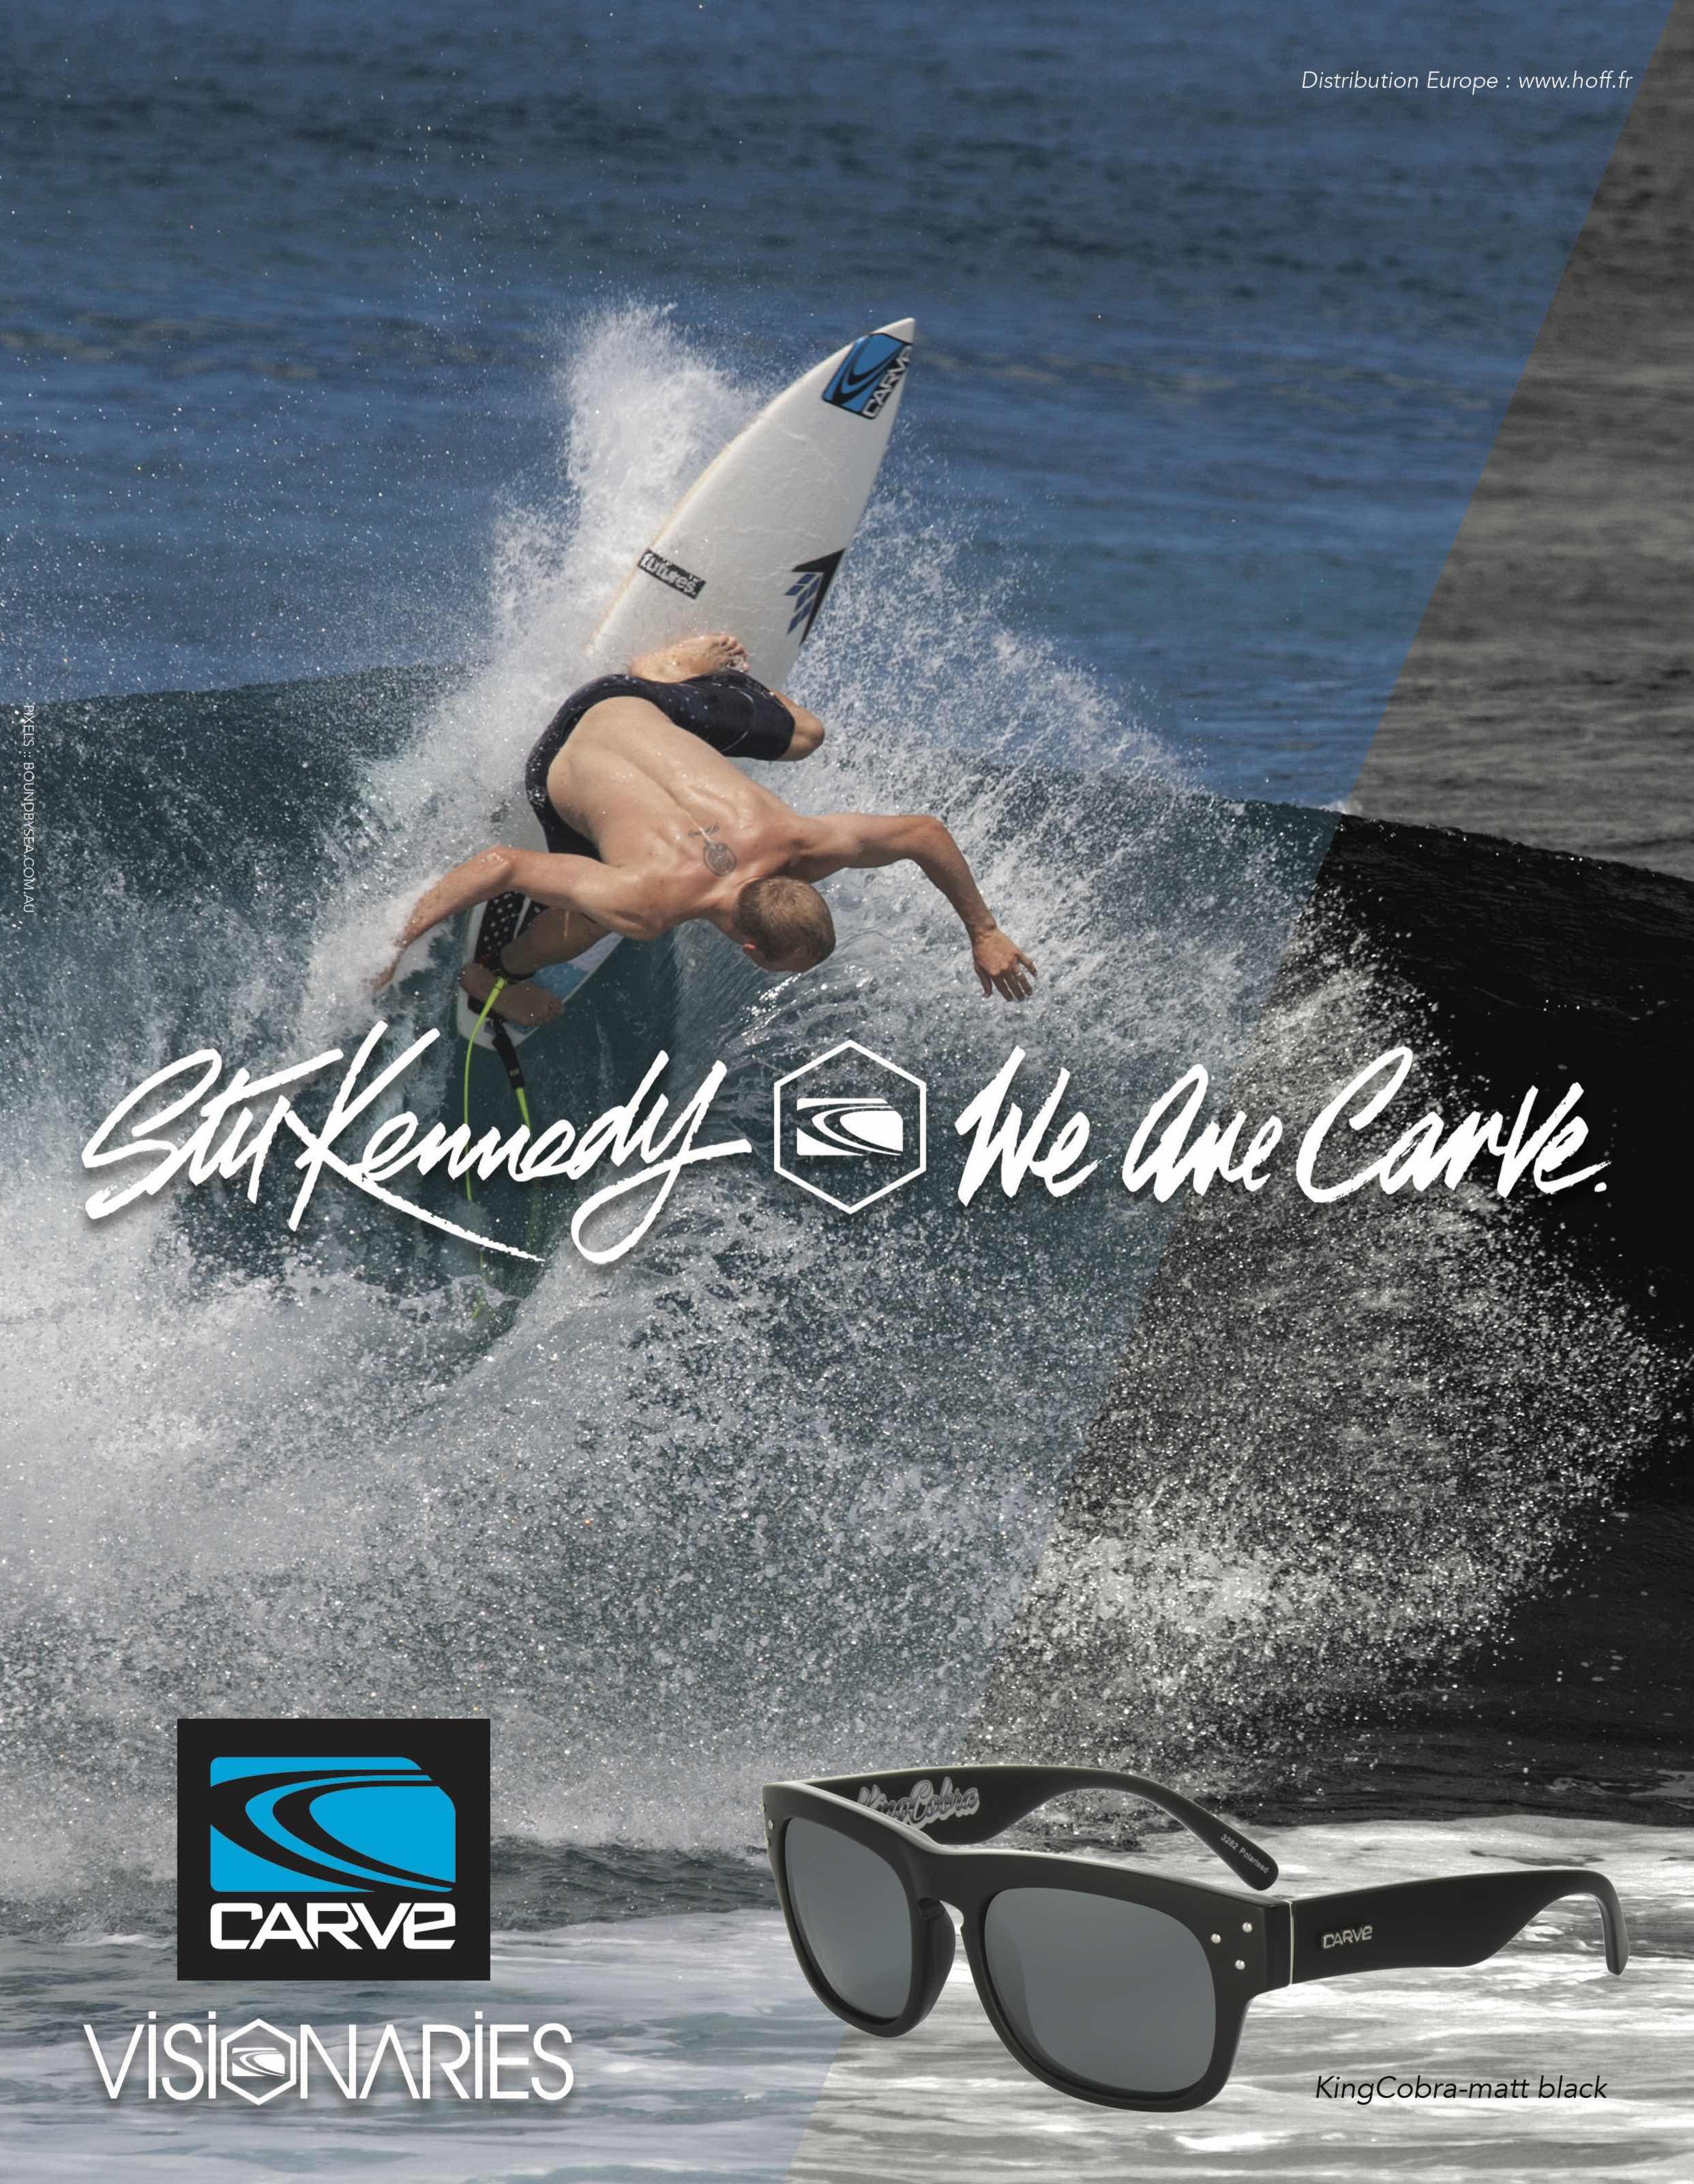 86 Carve SURF